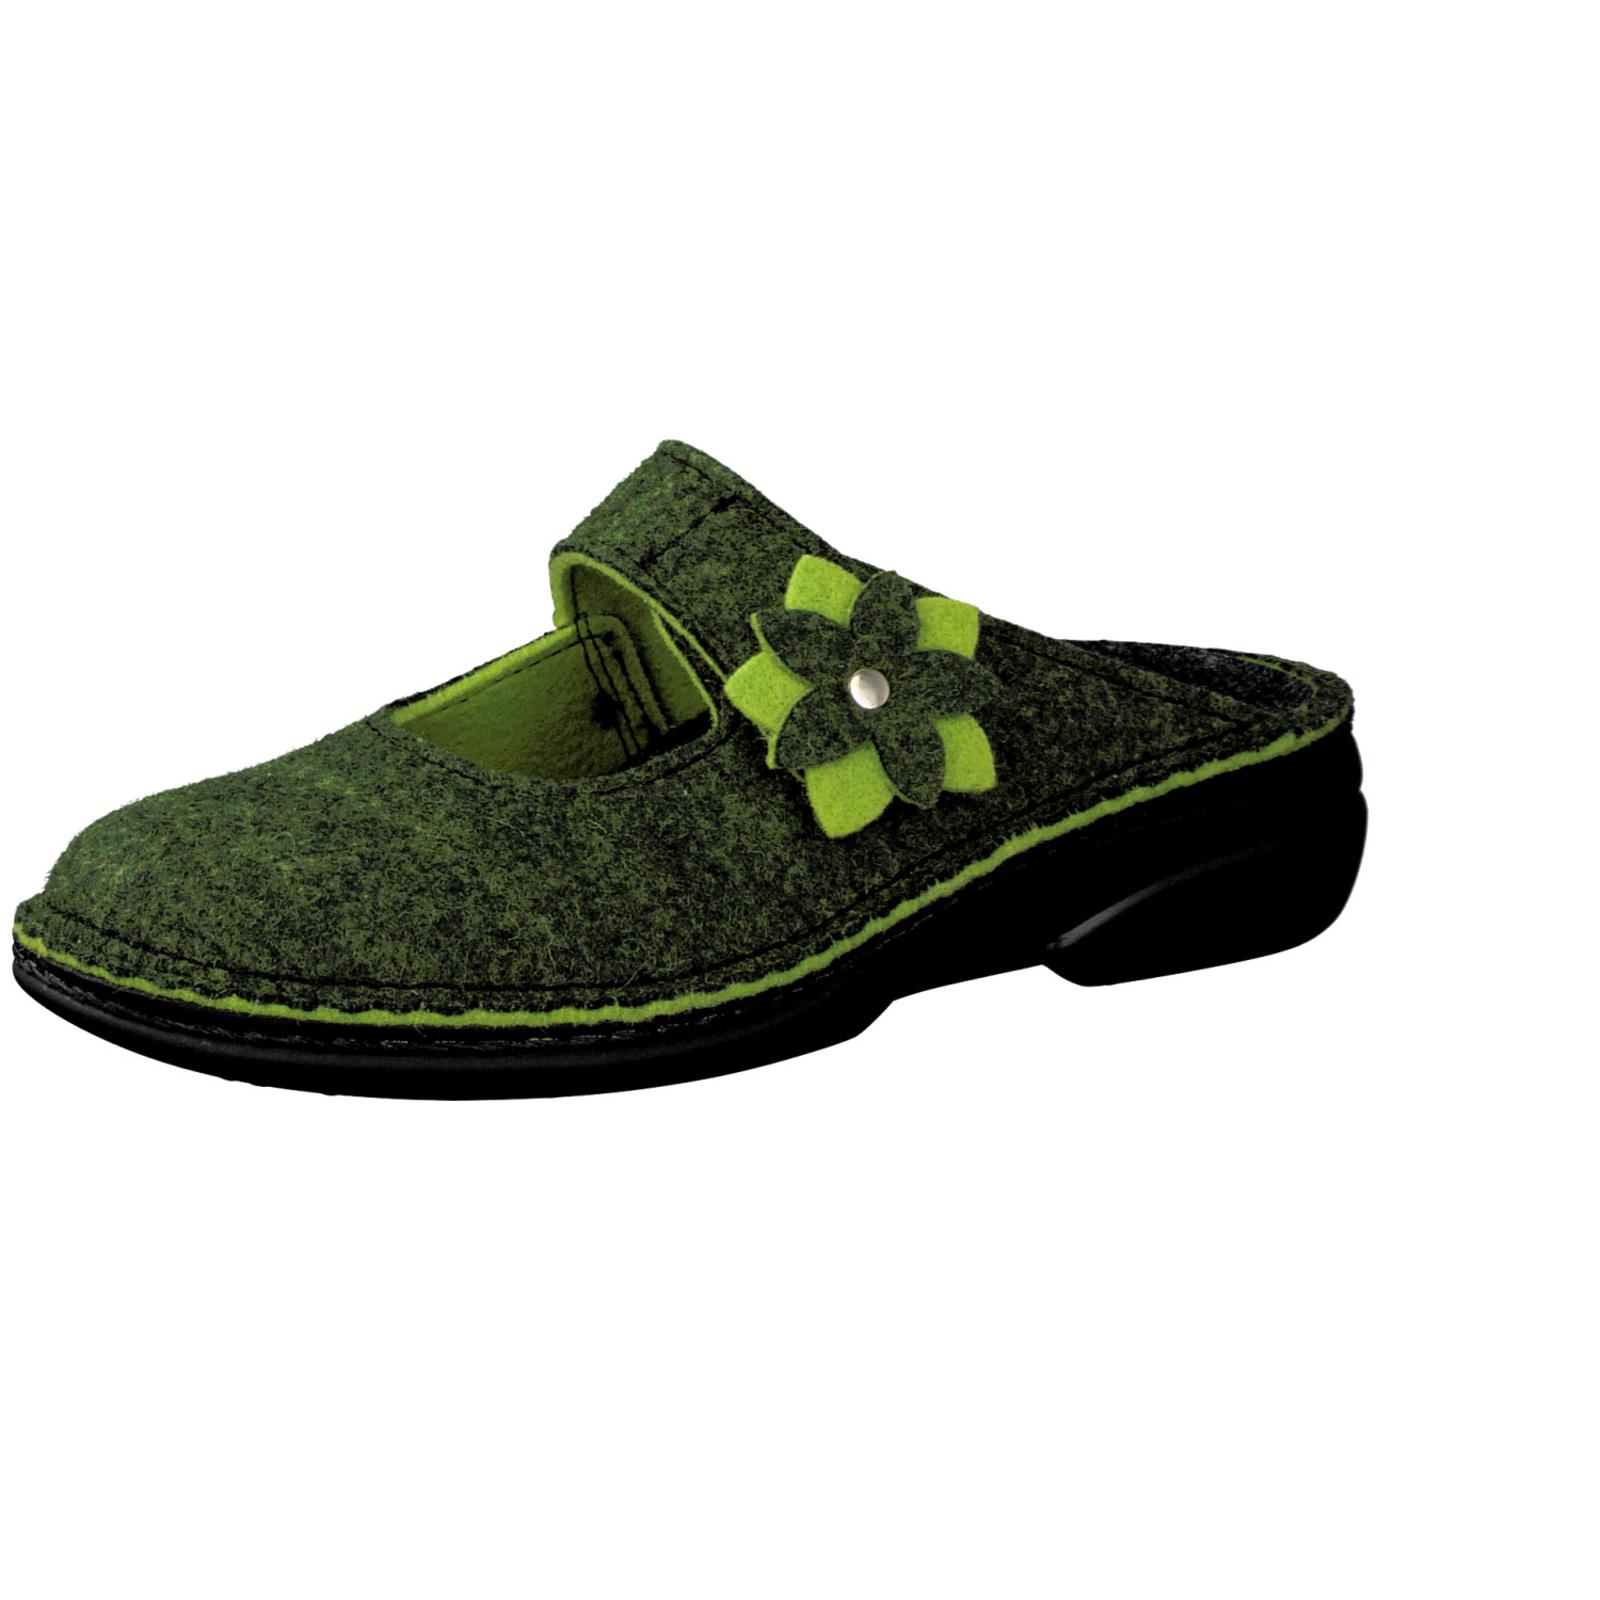 Finn Comfort Damen Hausschuh in grün kaufen   Zumnorde Online-Shop 255c0de80f